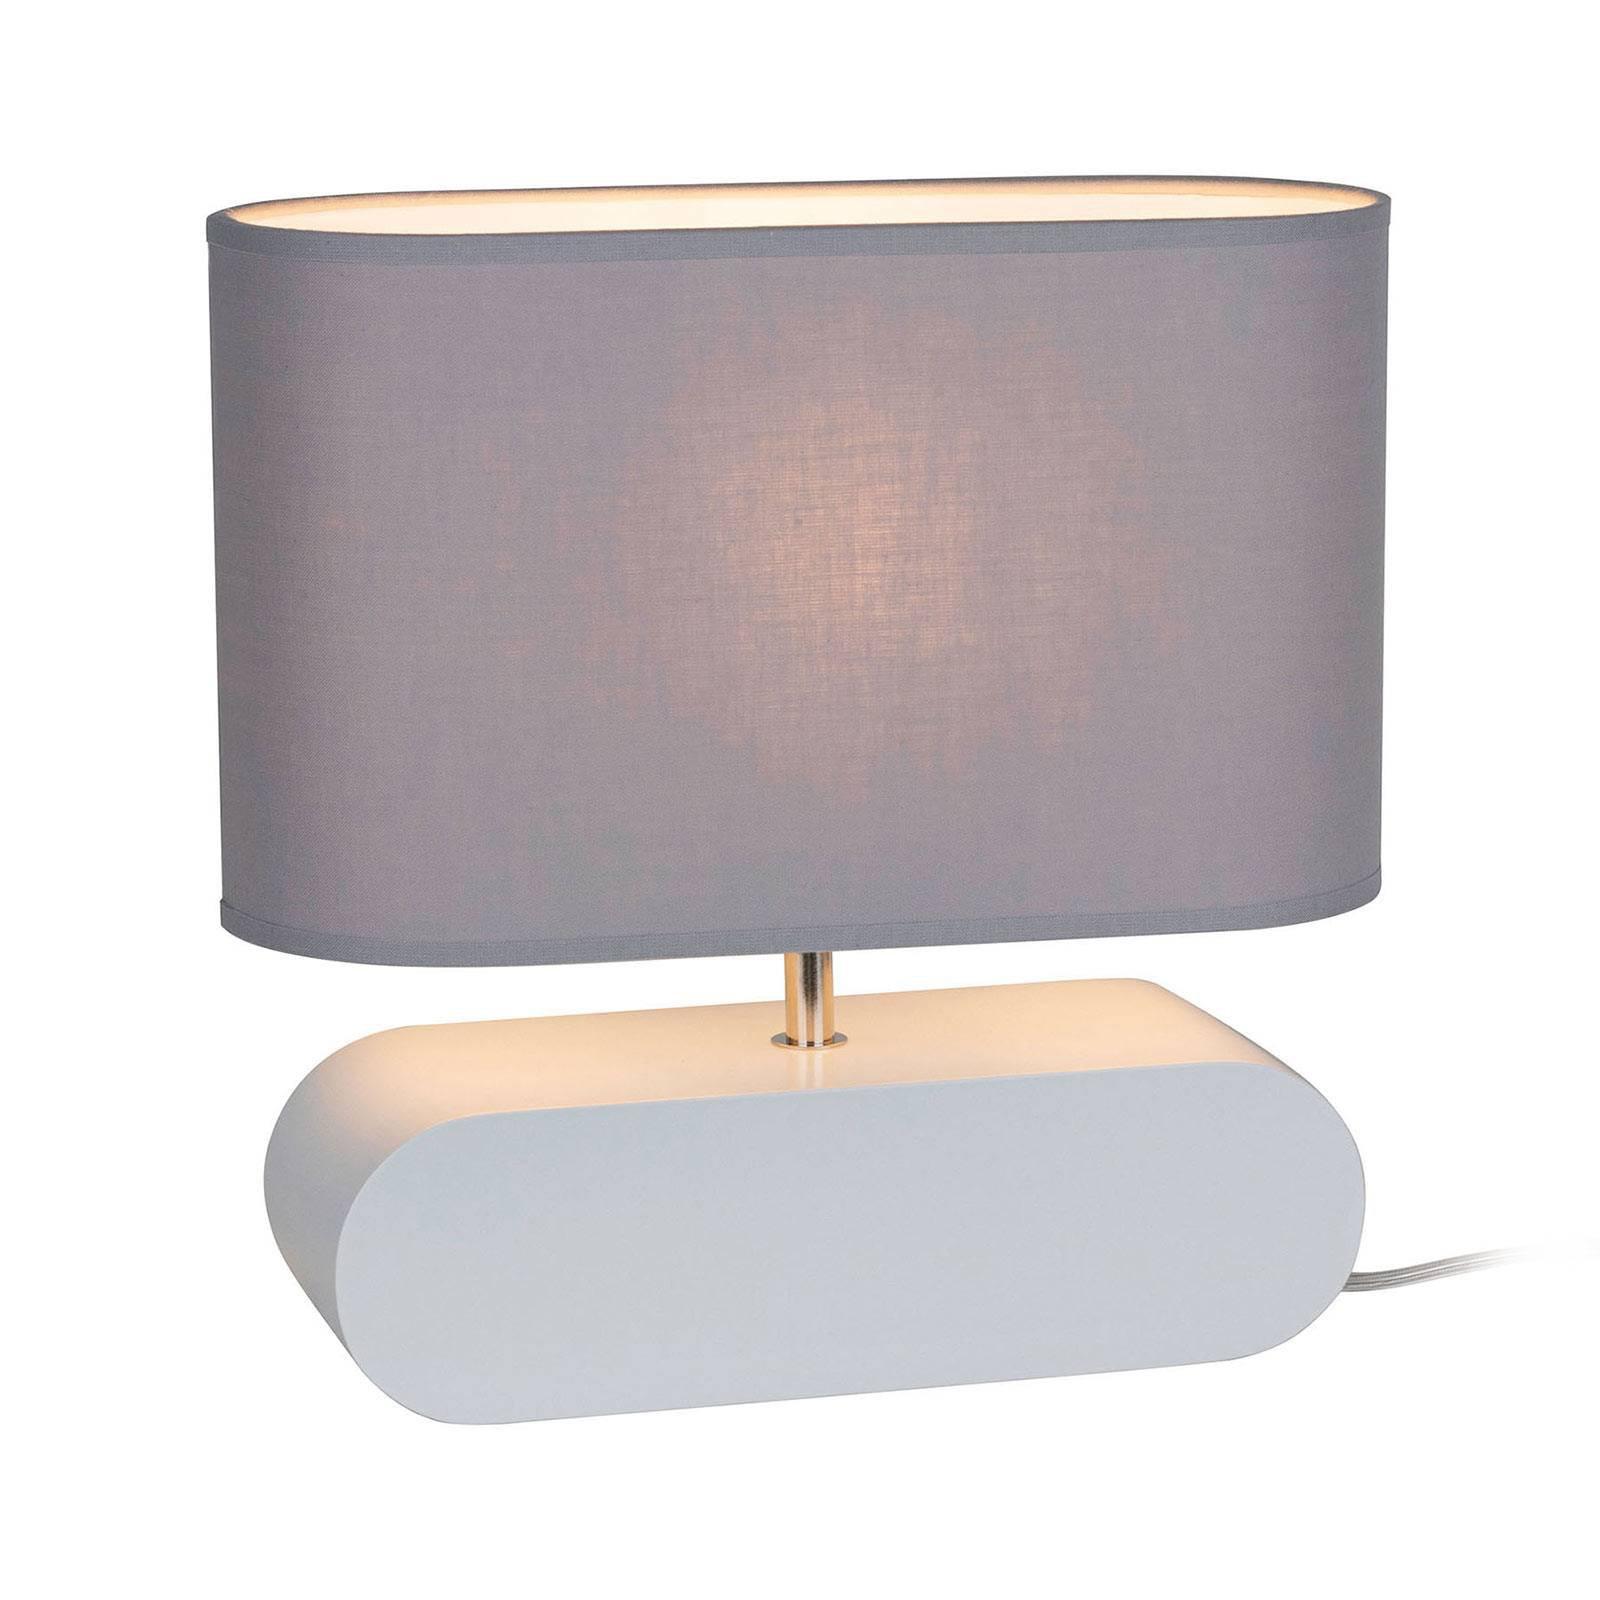 Bordlampe Cassy, hvit fot, grå stoffskjerm